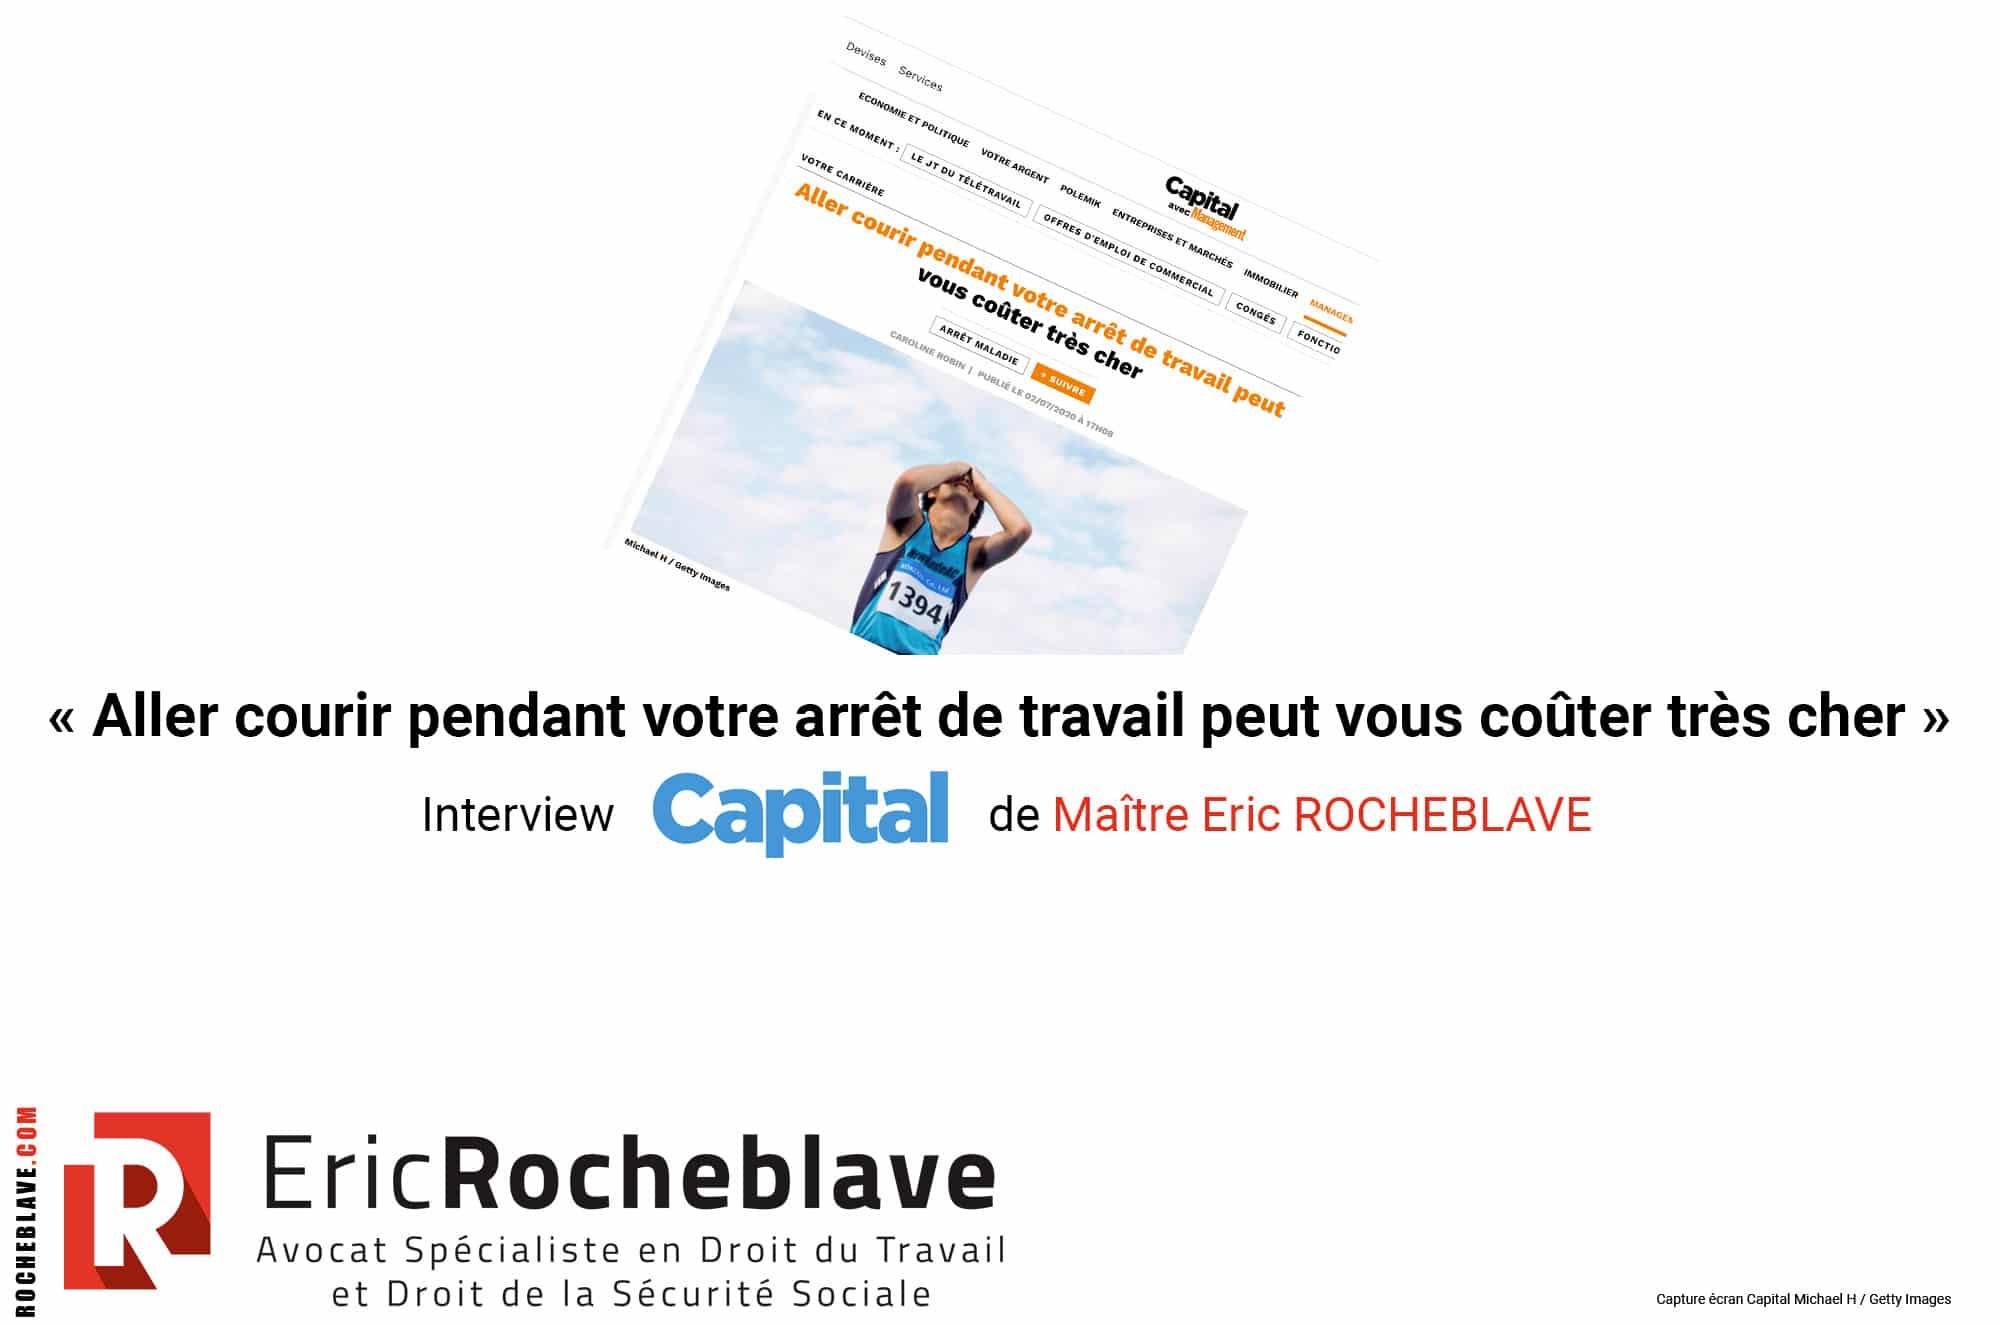 « Aller courir pendant votre arrêt de travail peut vous coûter très cher » Interview Capital de Maître Eric ROCHEBLAVE